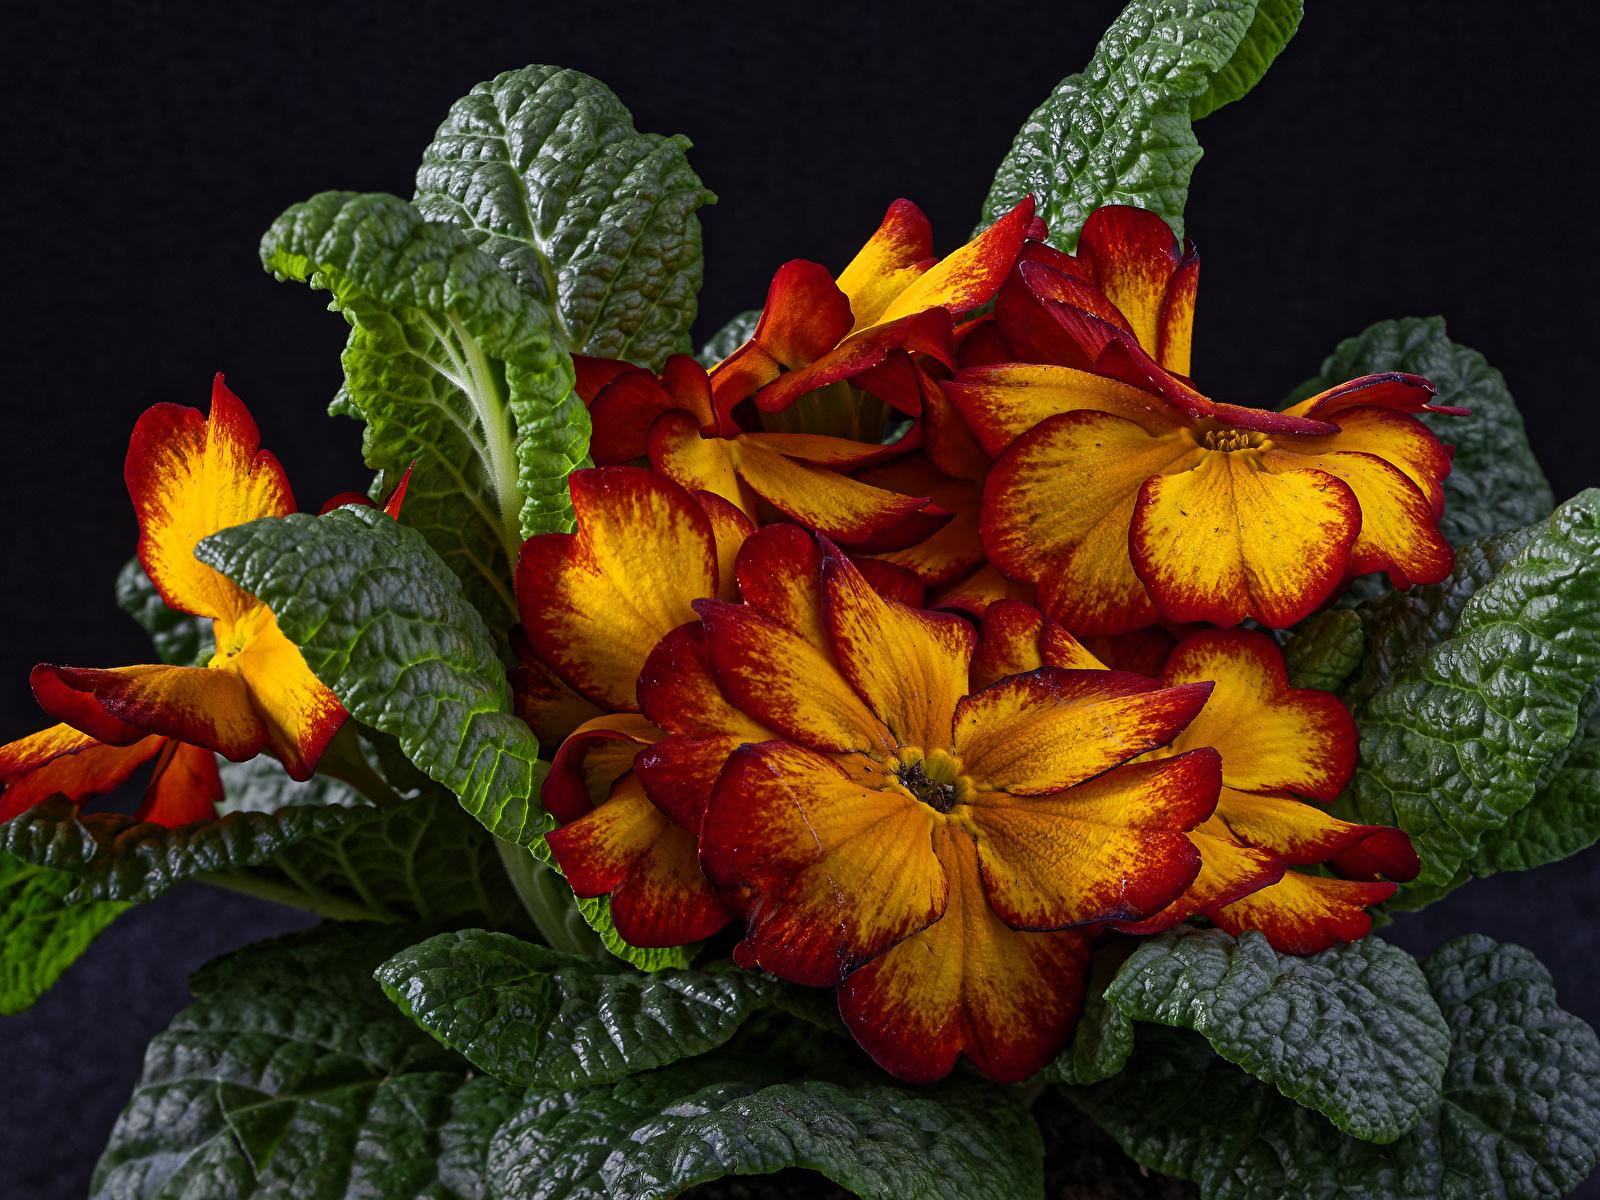 Фотография лист Цветы Примула вблизи Черный фон 1600x1200 Листья Листва Первоцвет Крупным планом